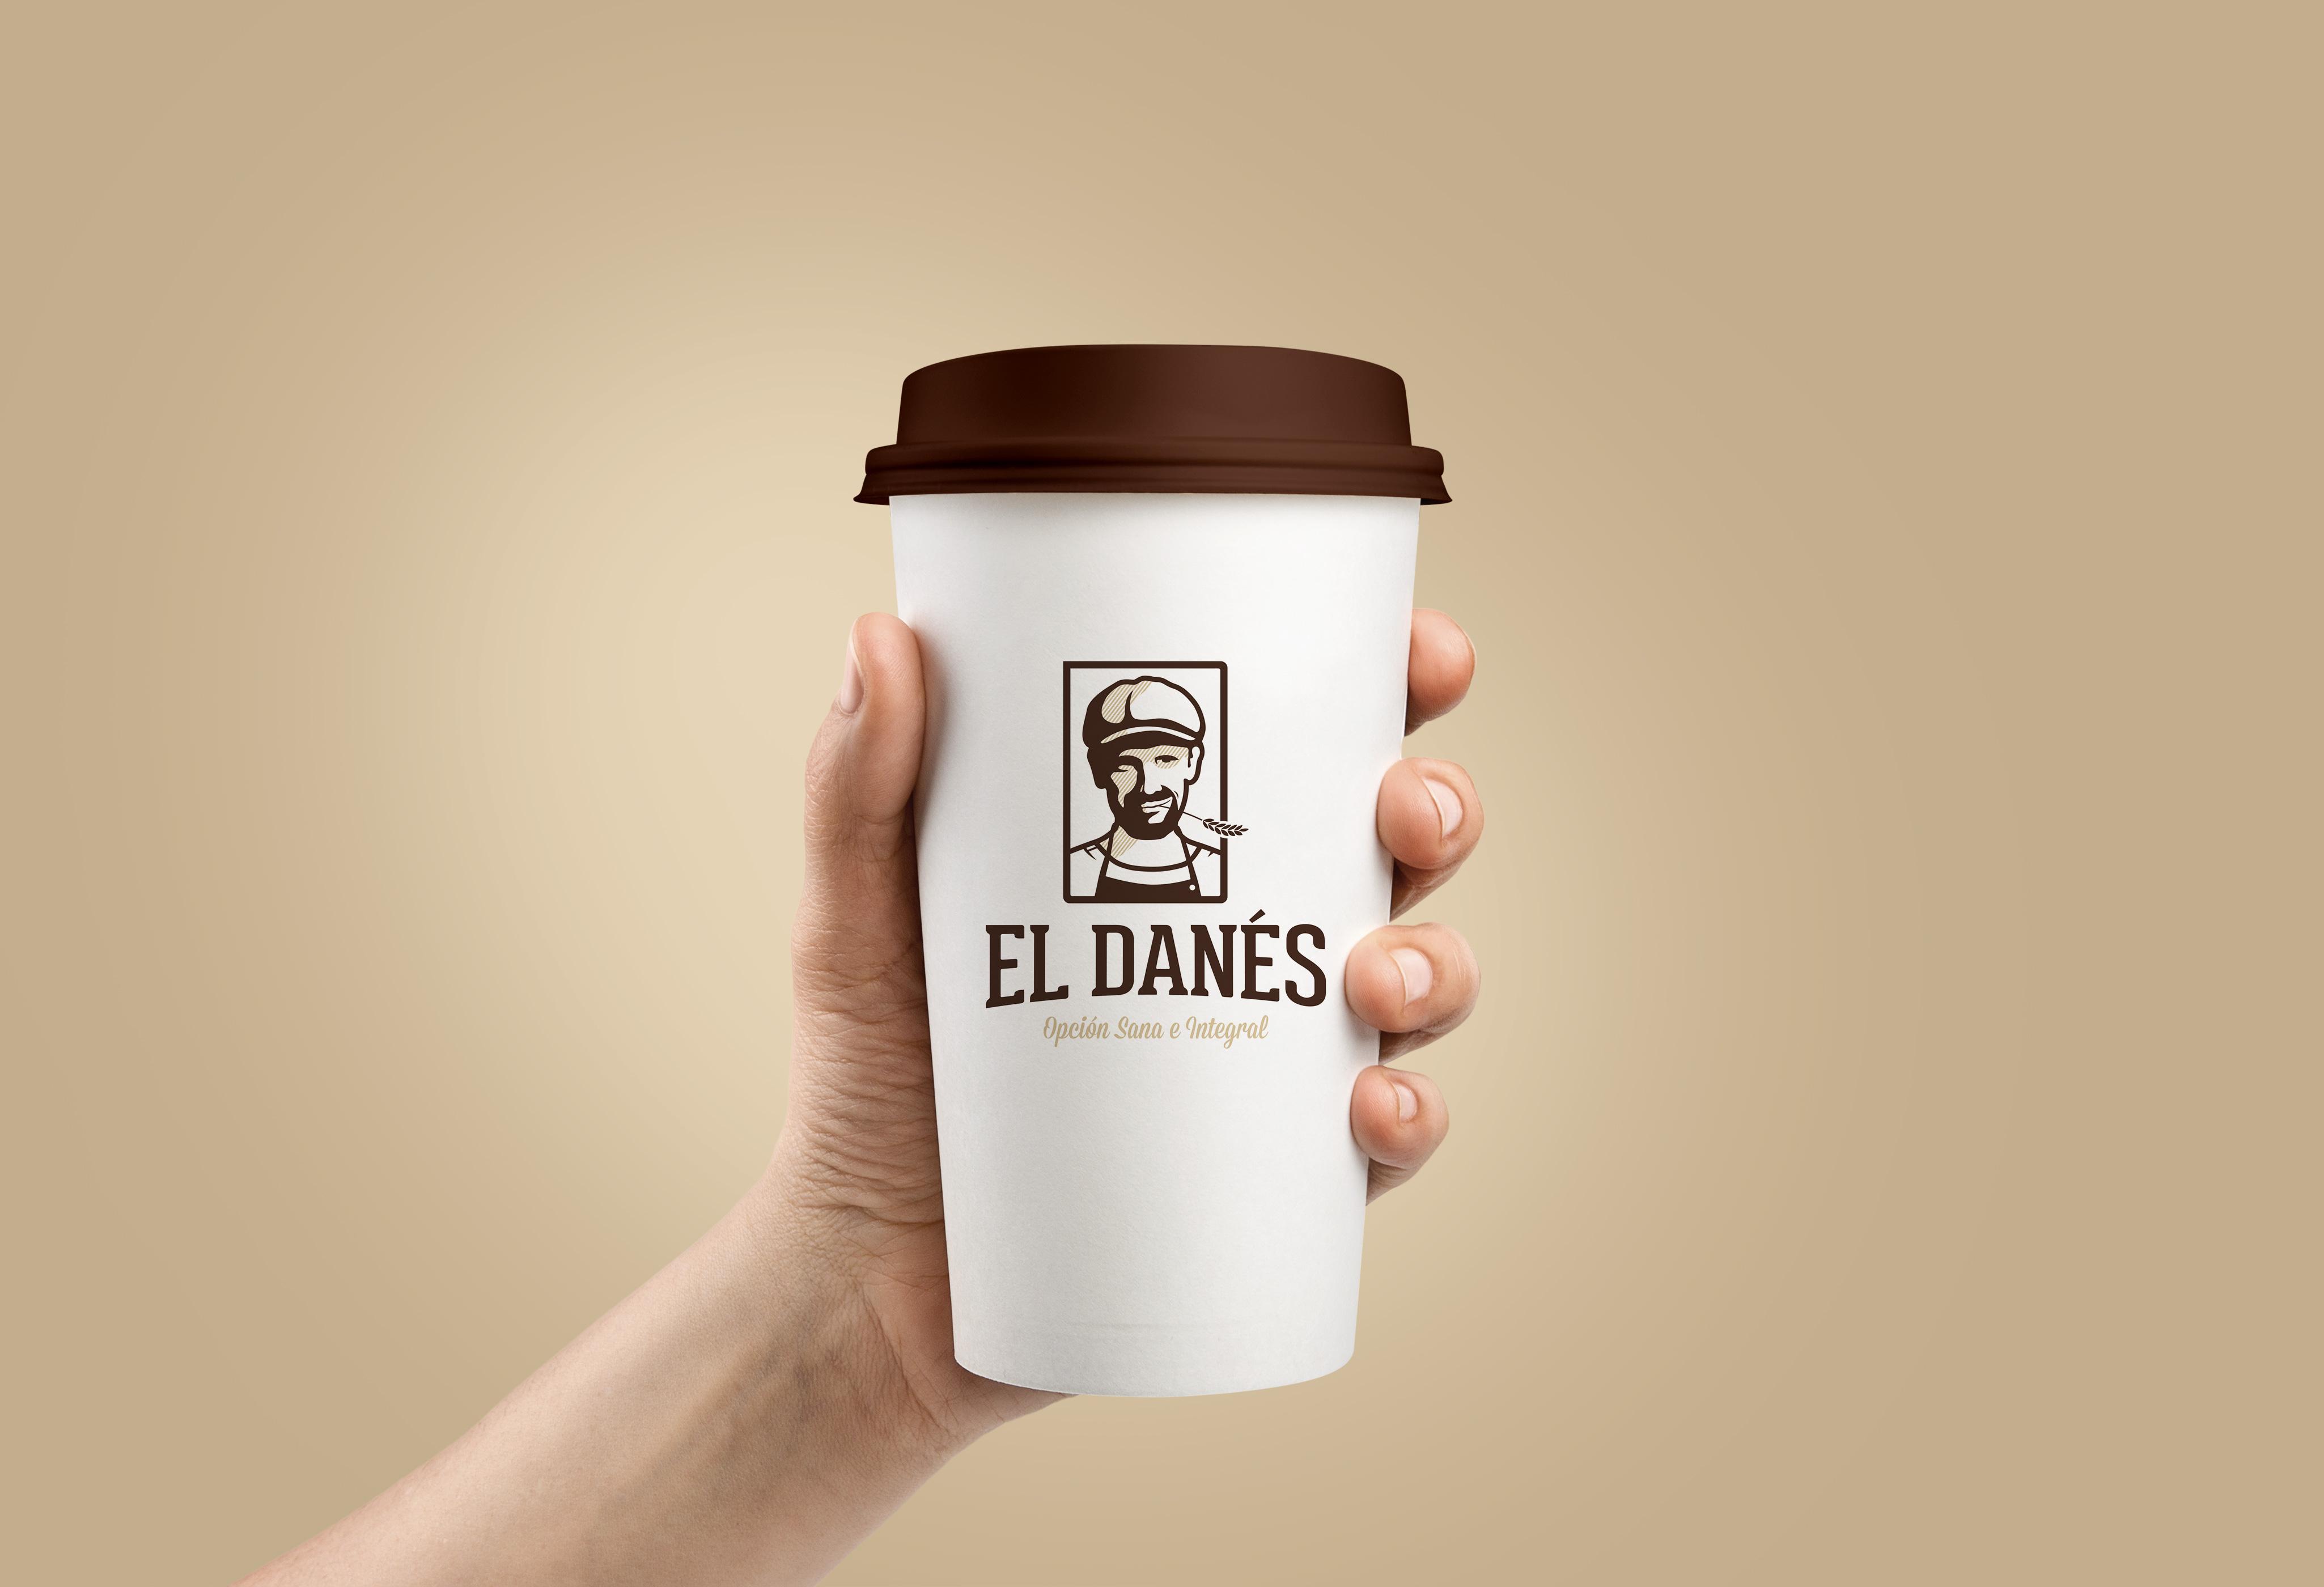 eldanes_cup